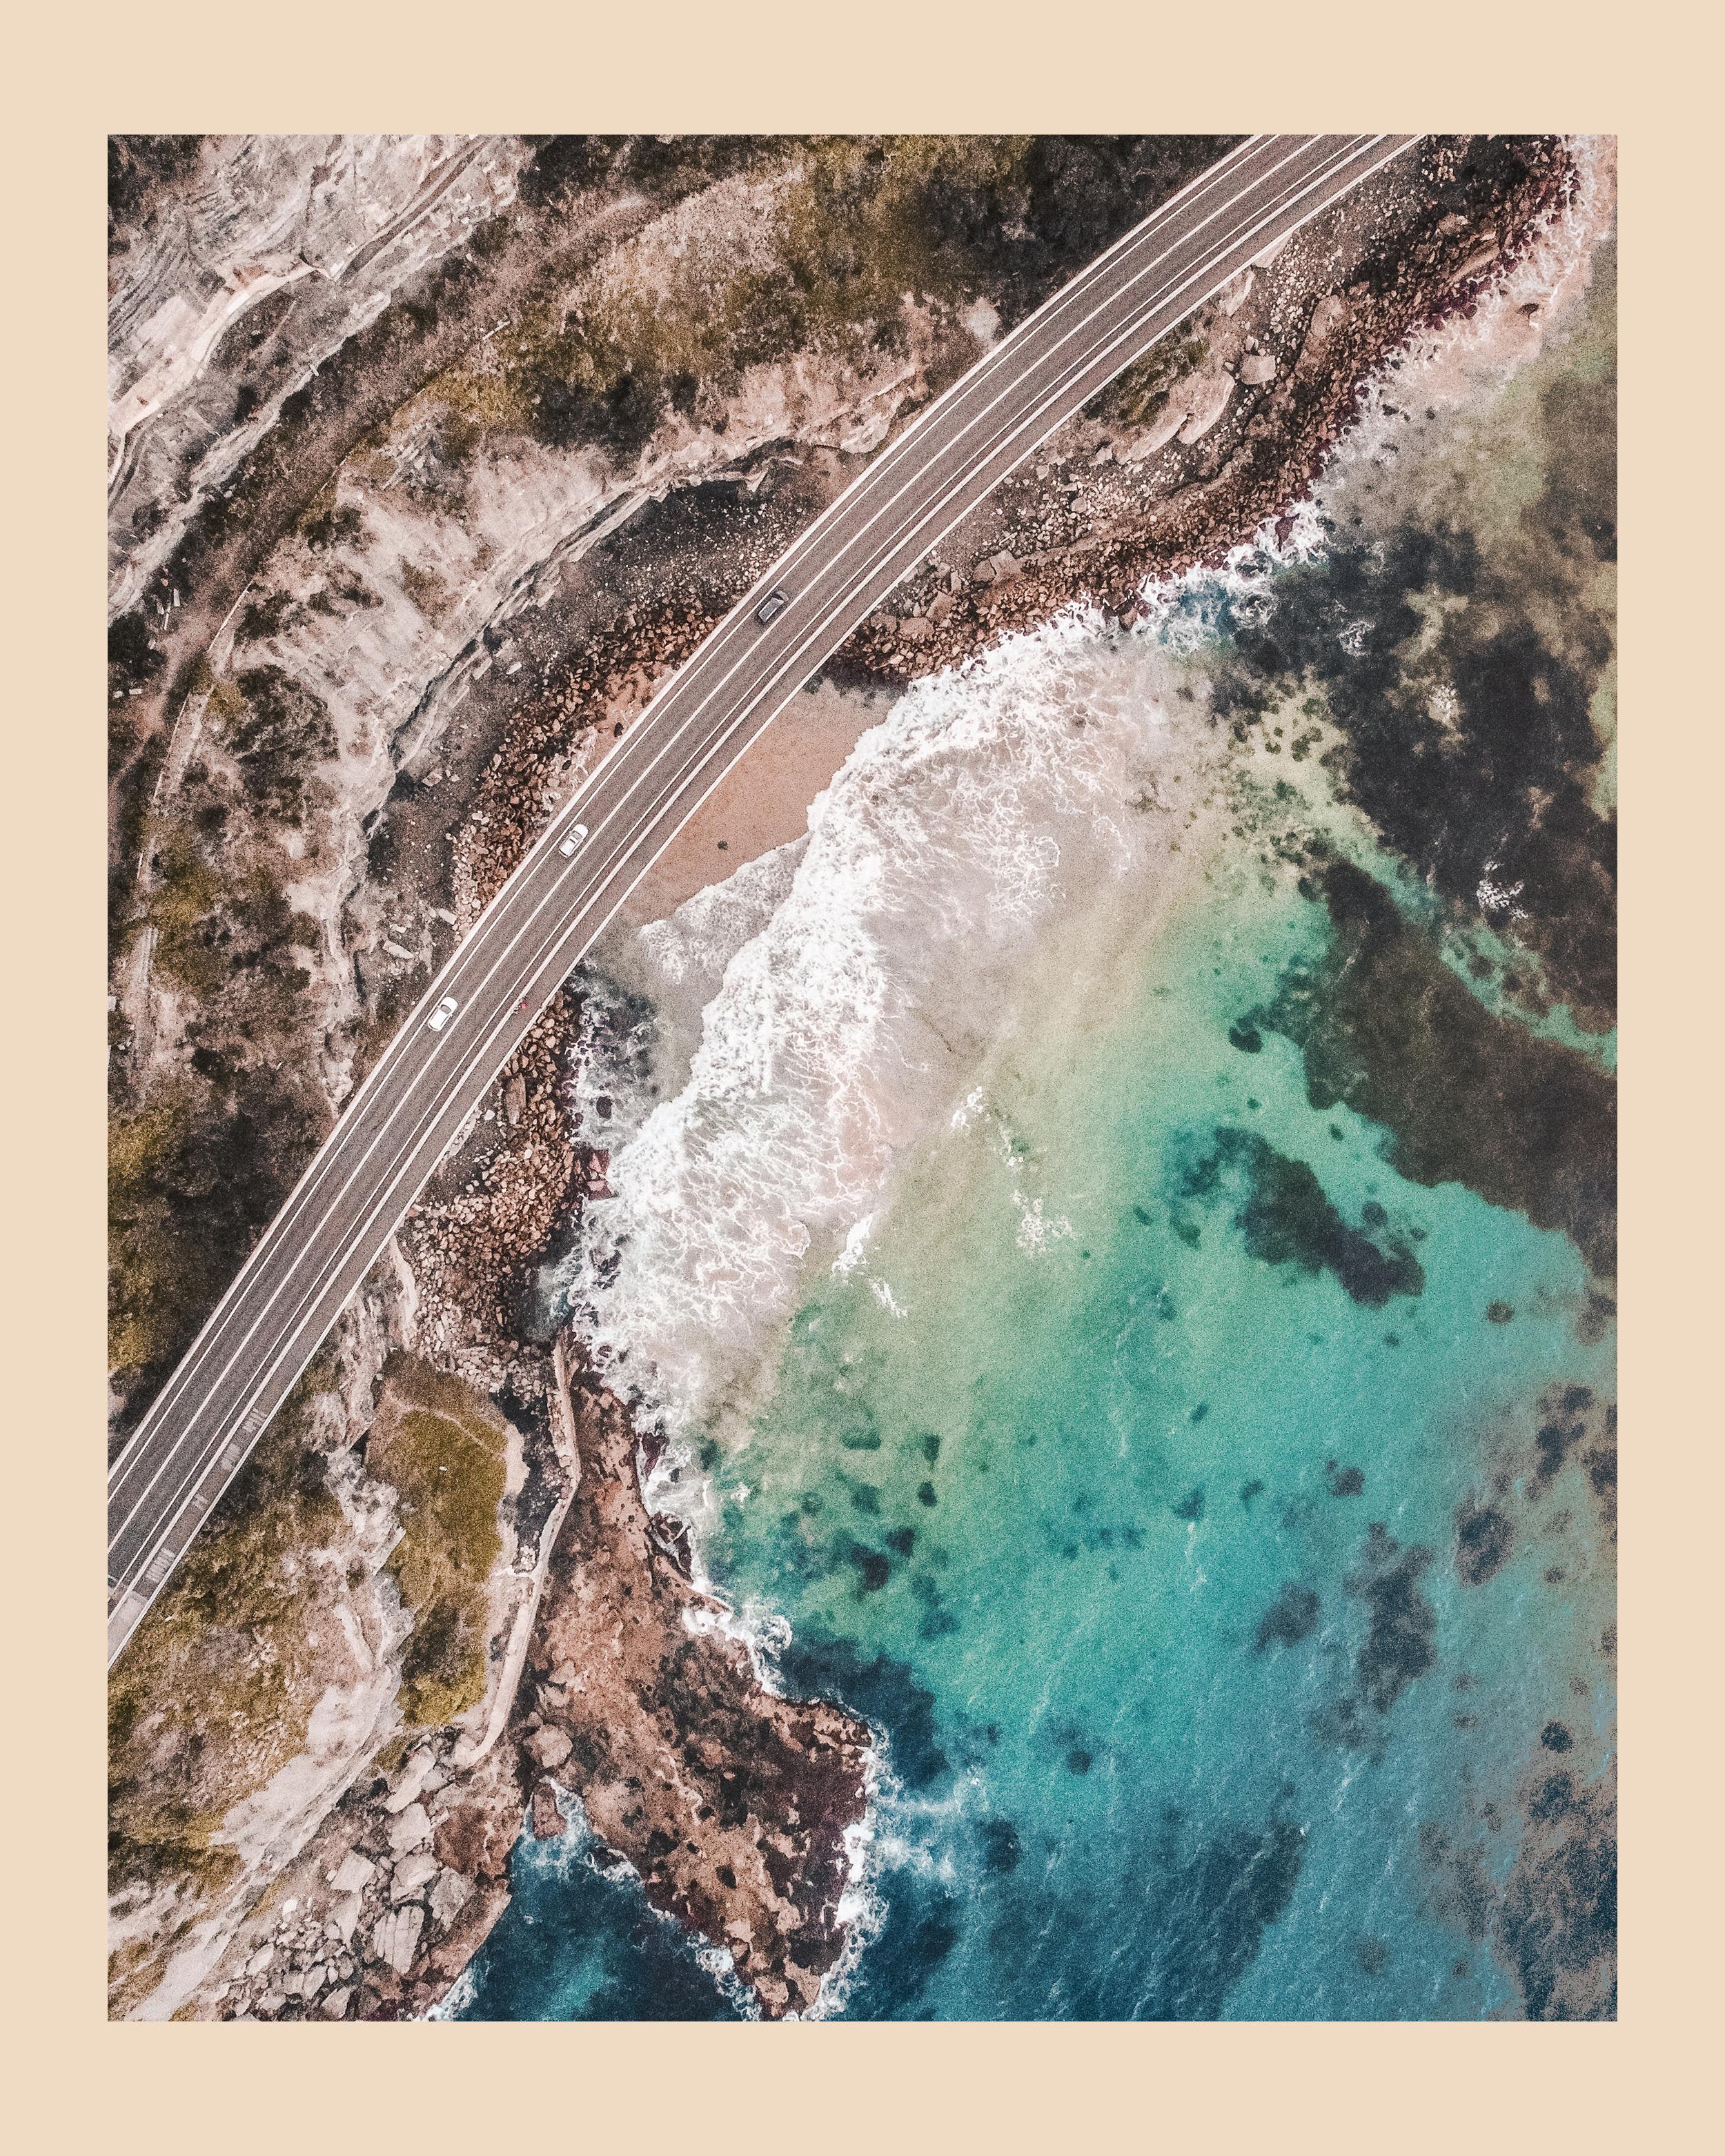 road-trip-jervis-bay-mazda_3.jpg